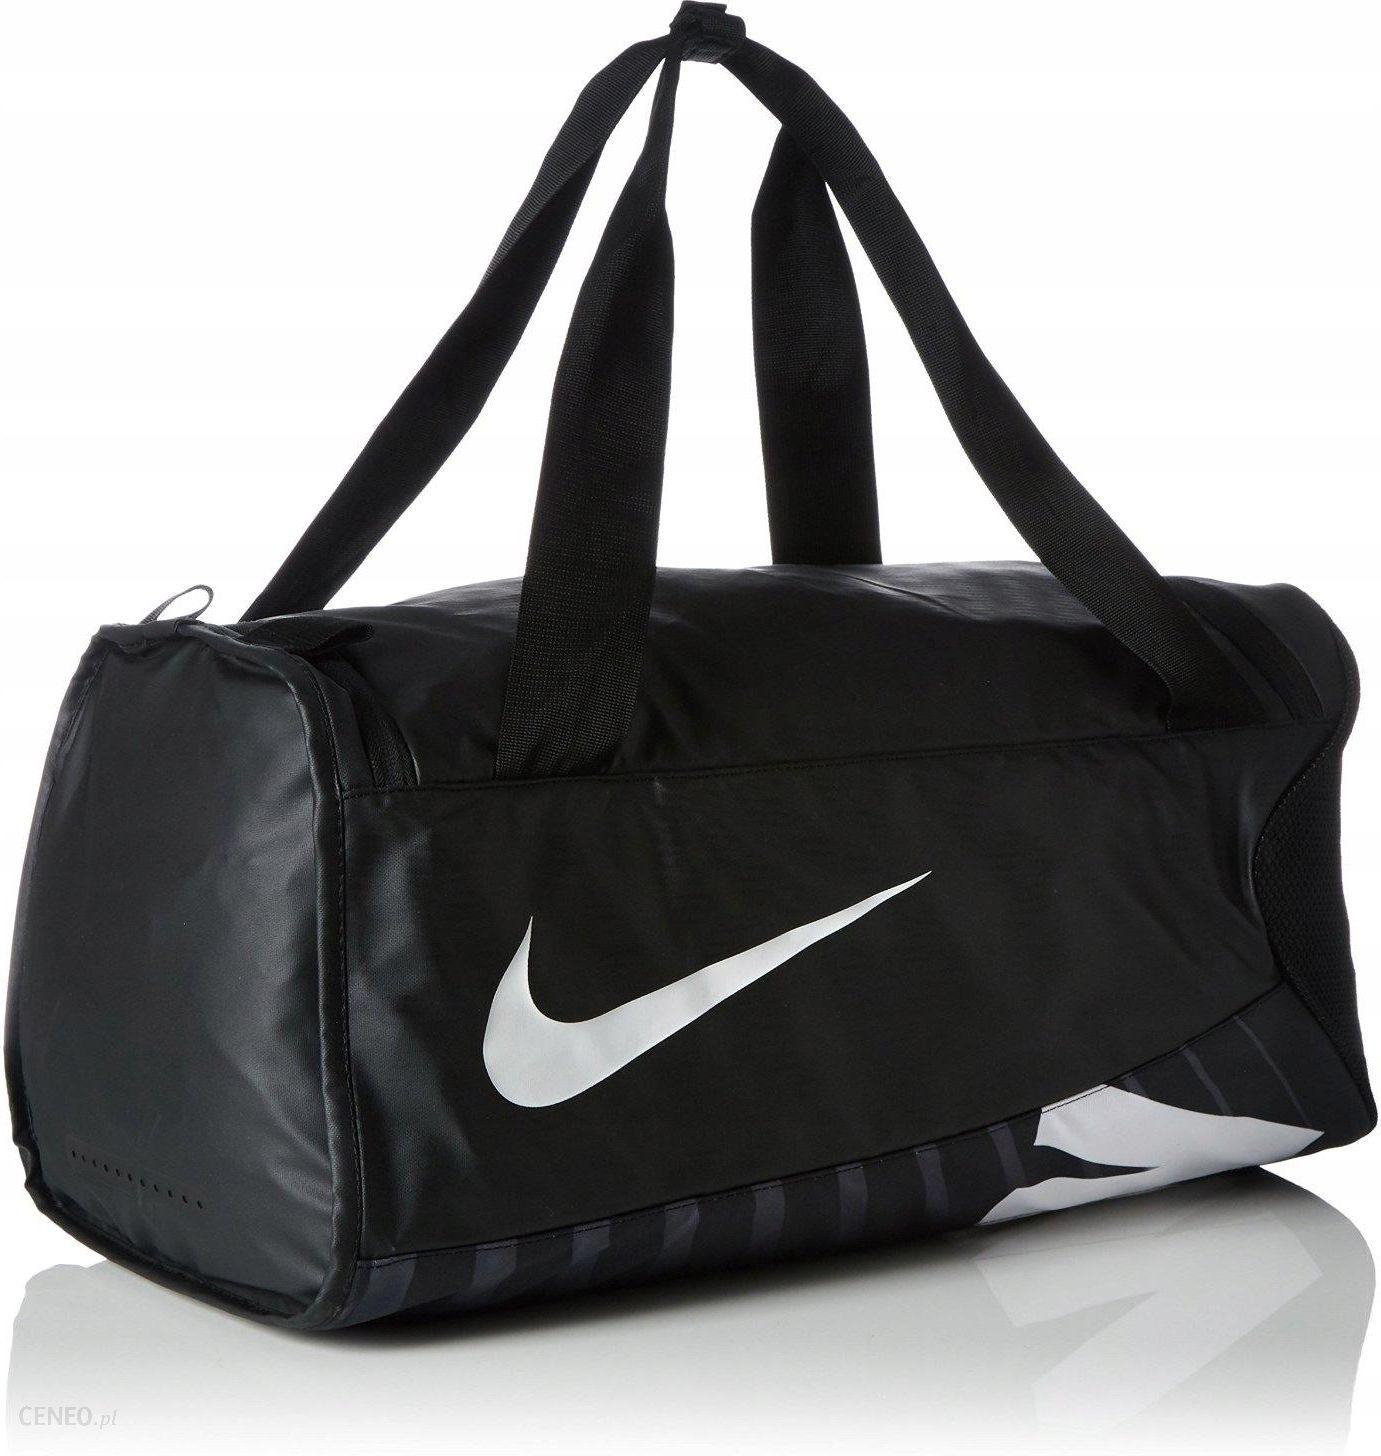 36d2e616138a3 Nike Alpha Duff Nfs Torba Sportowa Na Trening M - Ceny i opinie ...